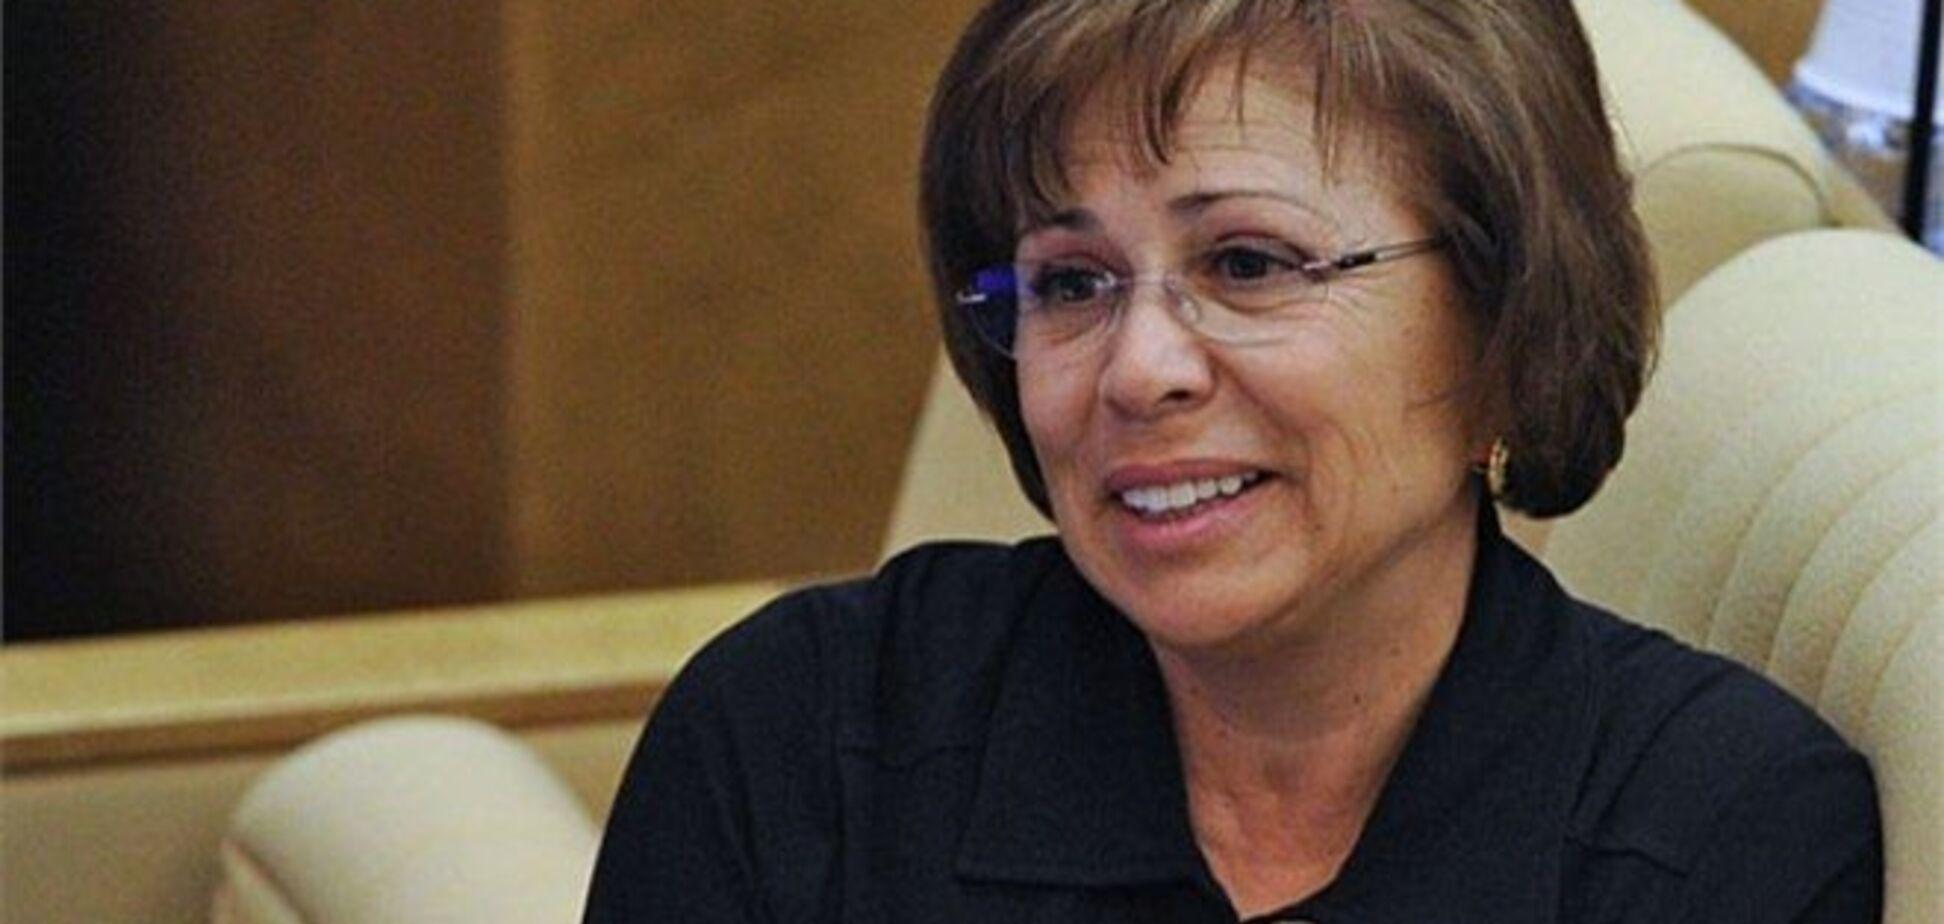 Депутат Госдумы оскандалилась из-за фото Обамы с бананом